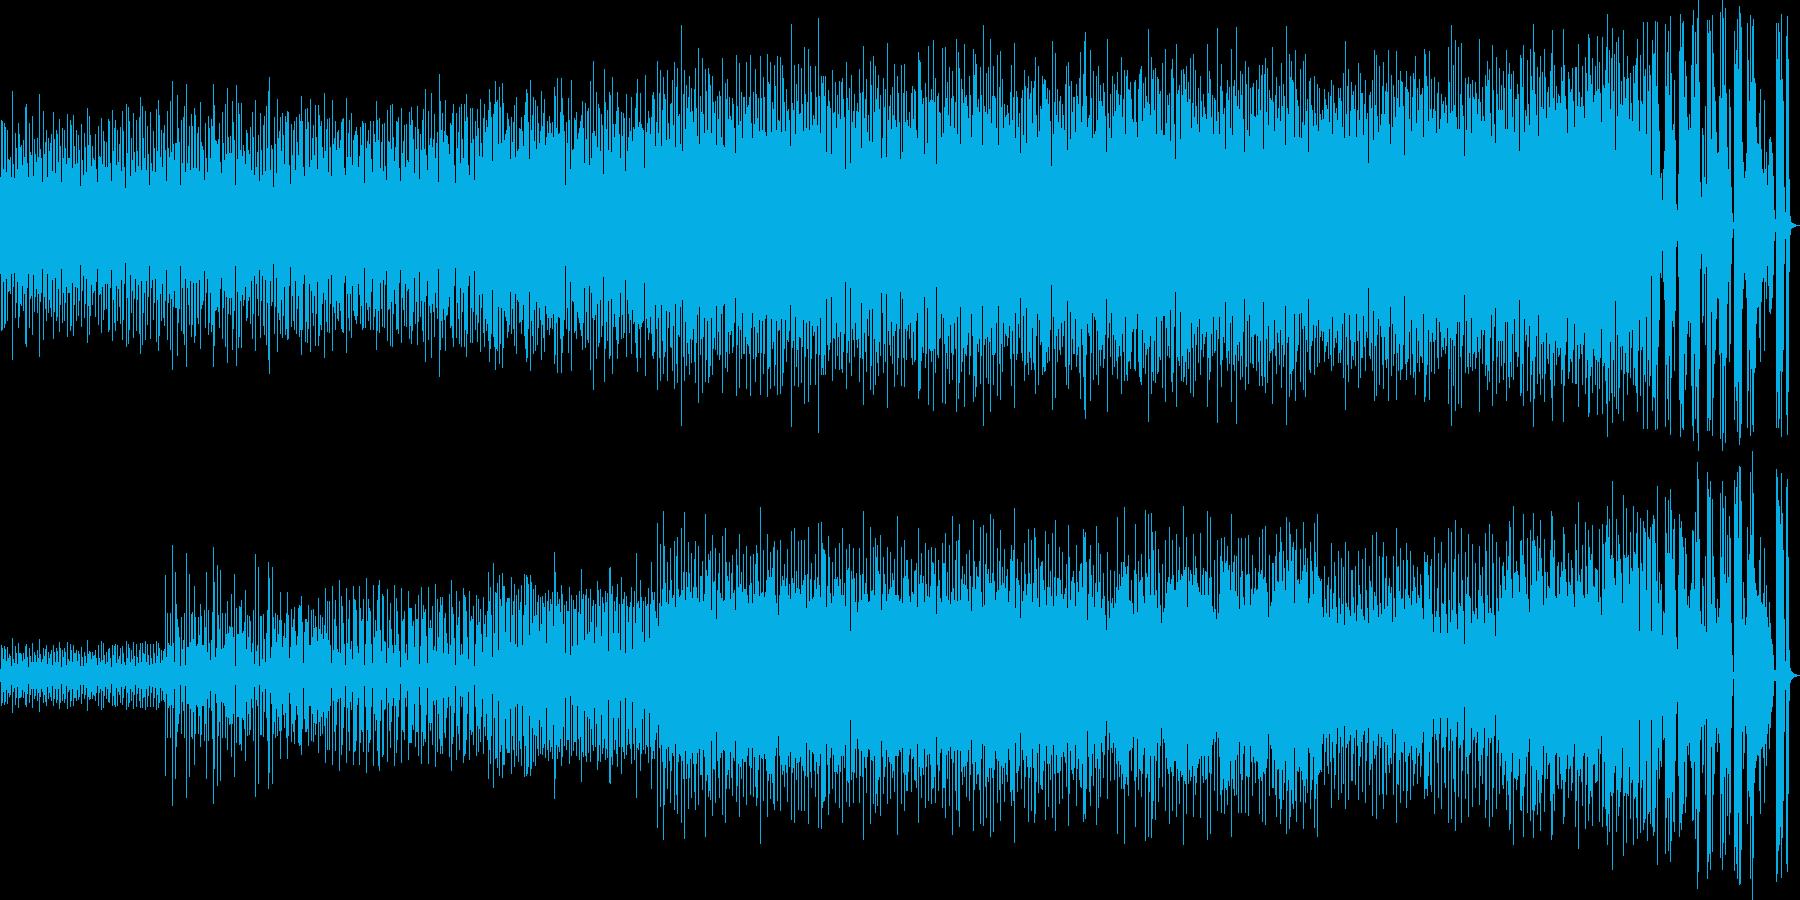 70年代アメリカ東海岸フュージョン風楽曲の再生済みの波形